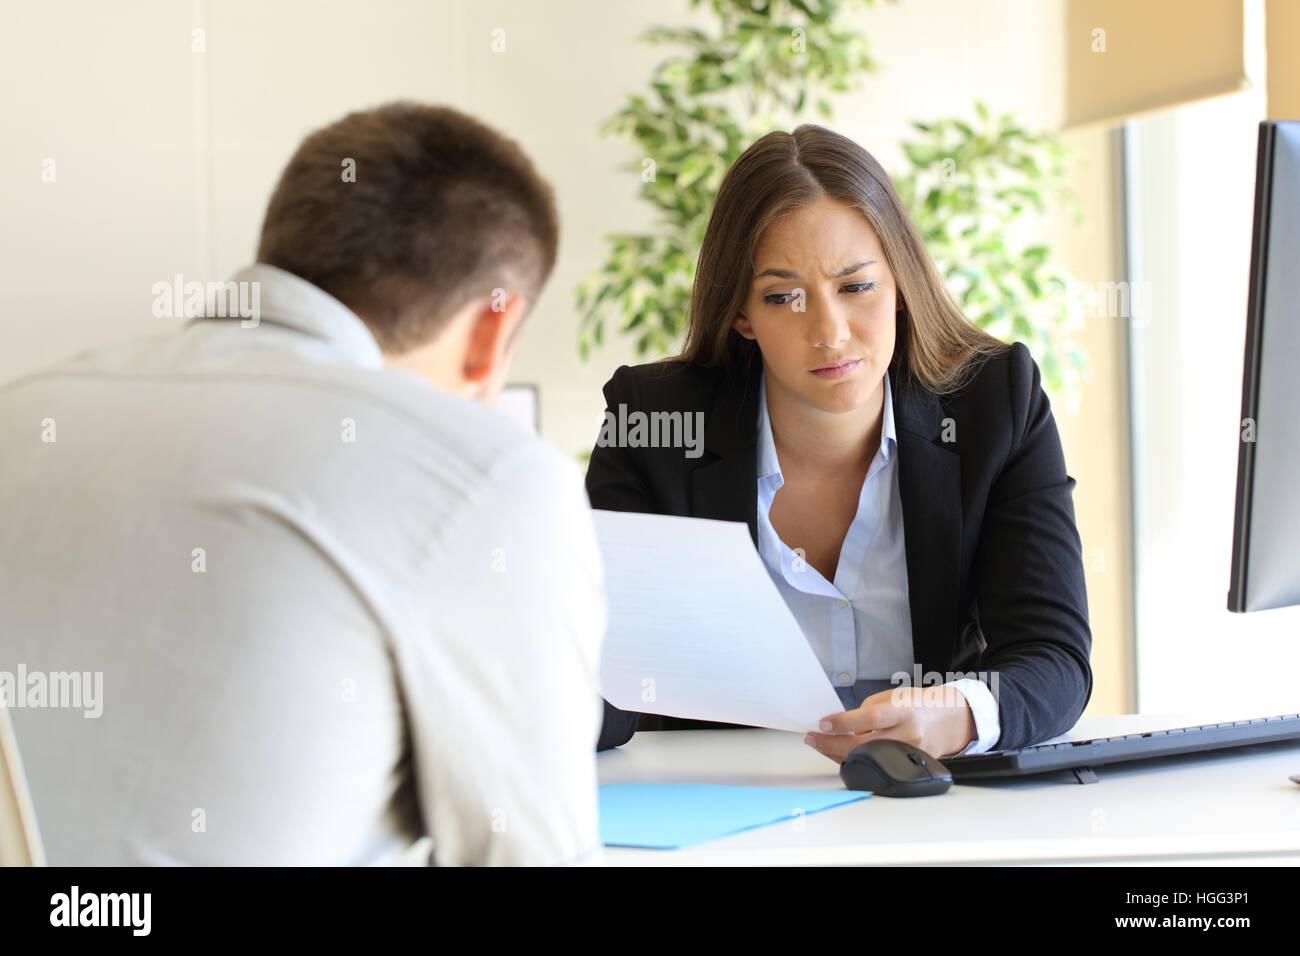 Businesswoman reading un mauvais cv dans une entrevue d'emploi Photo Stock